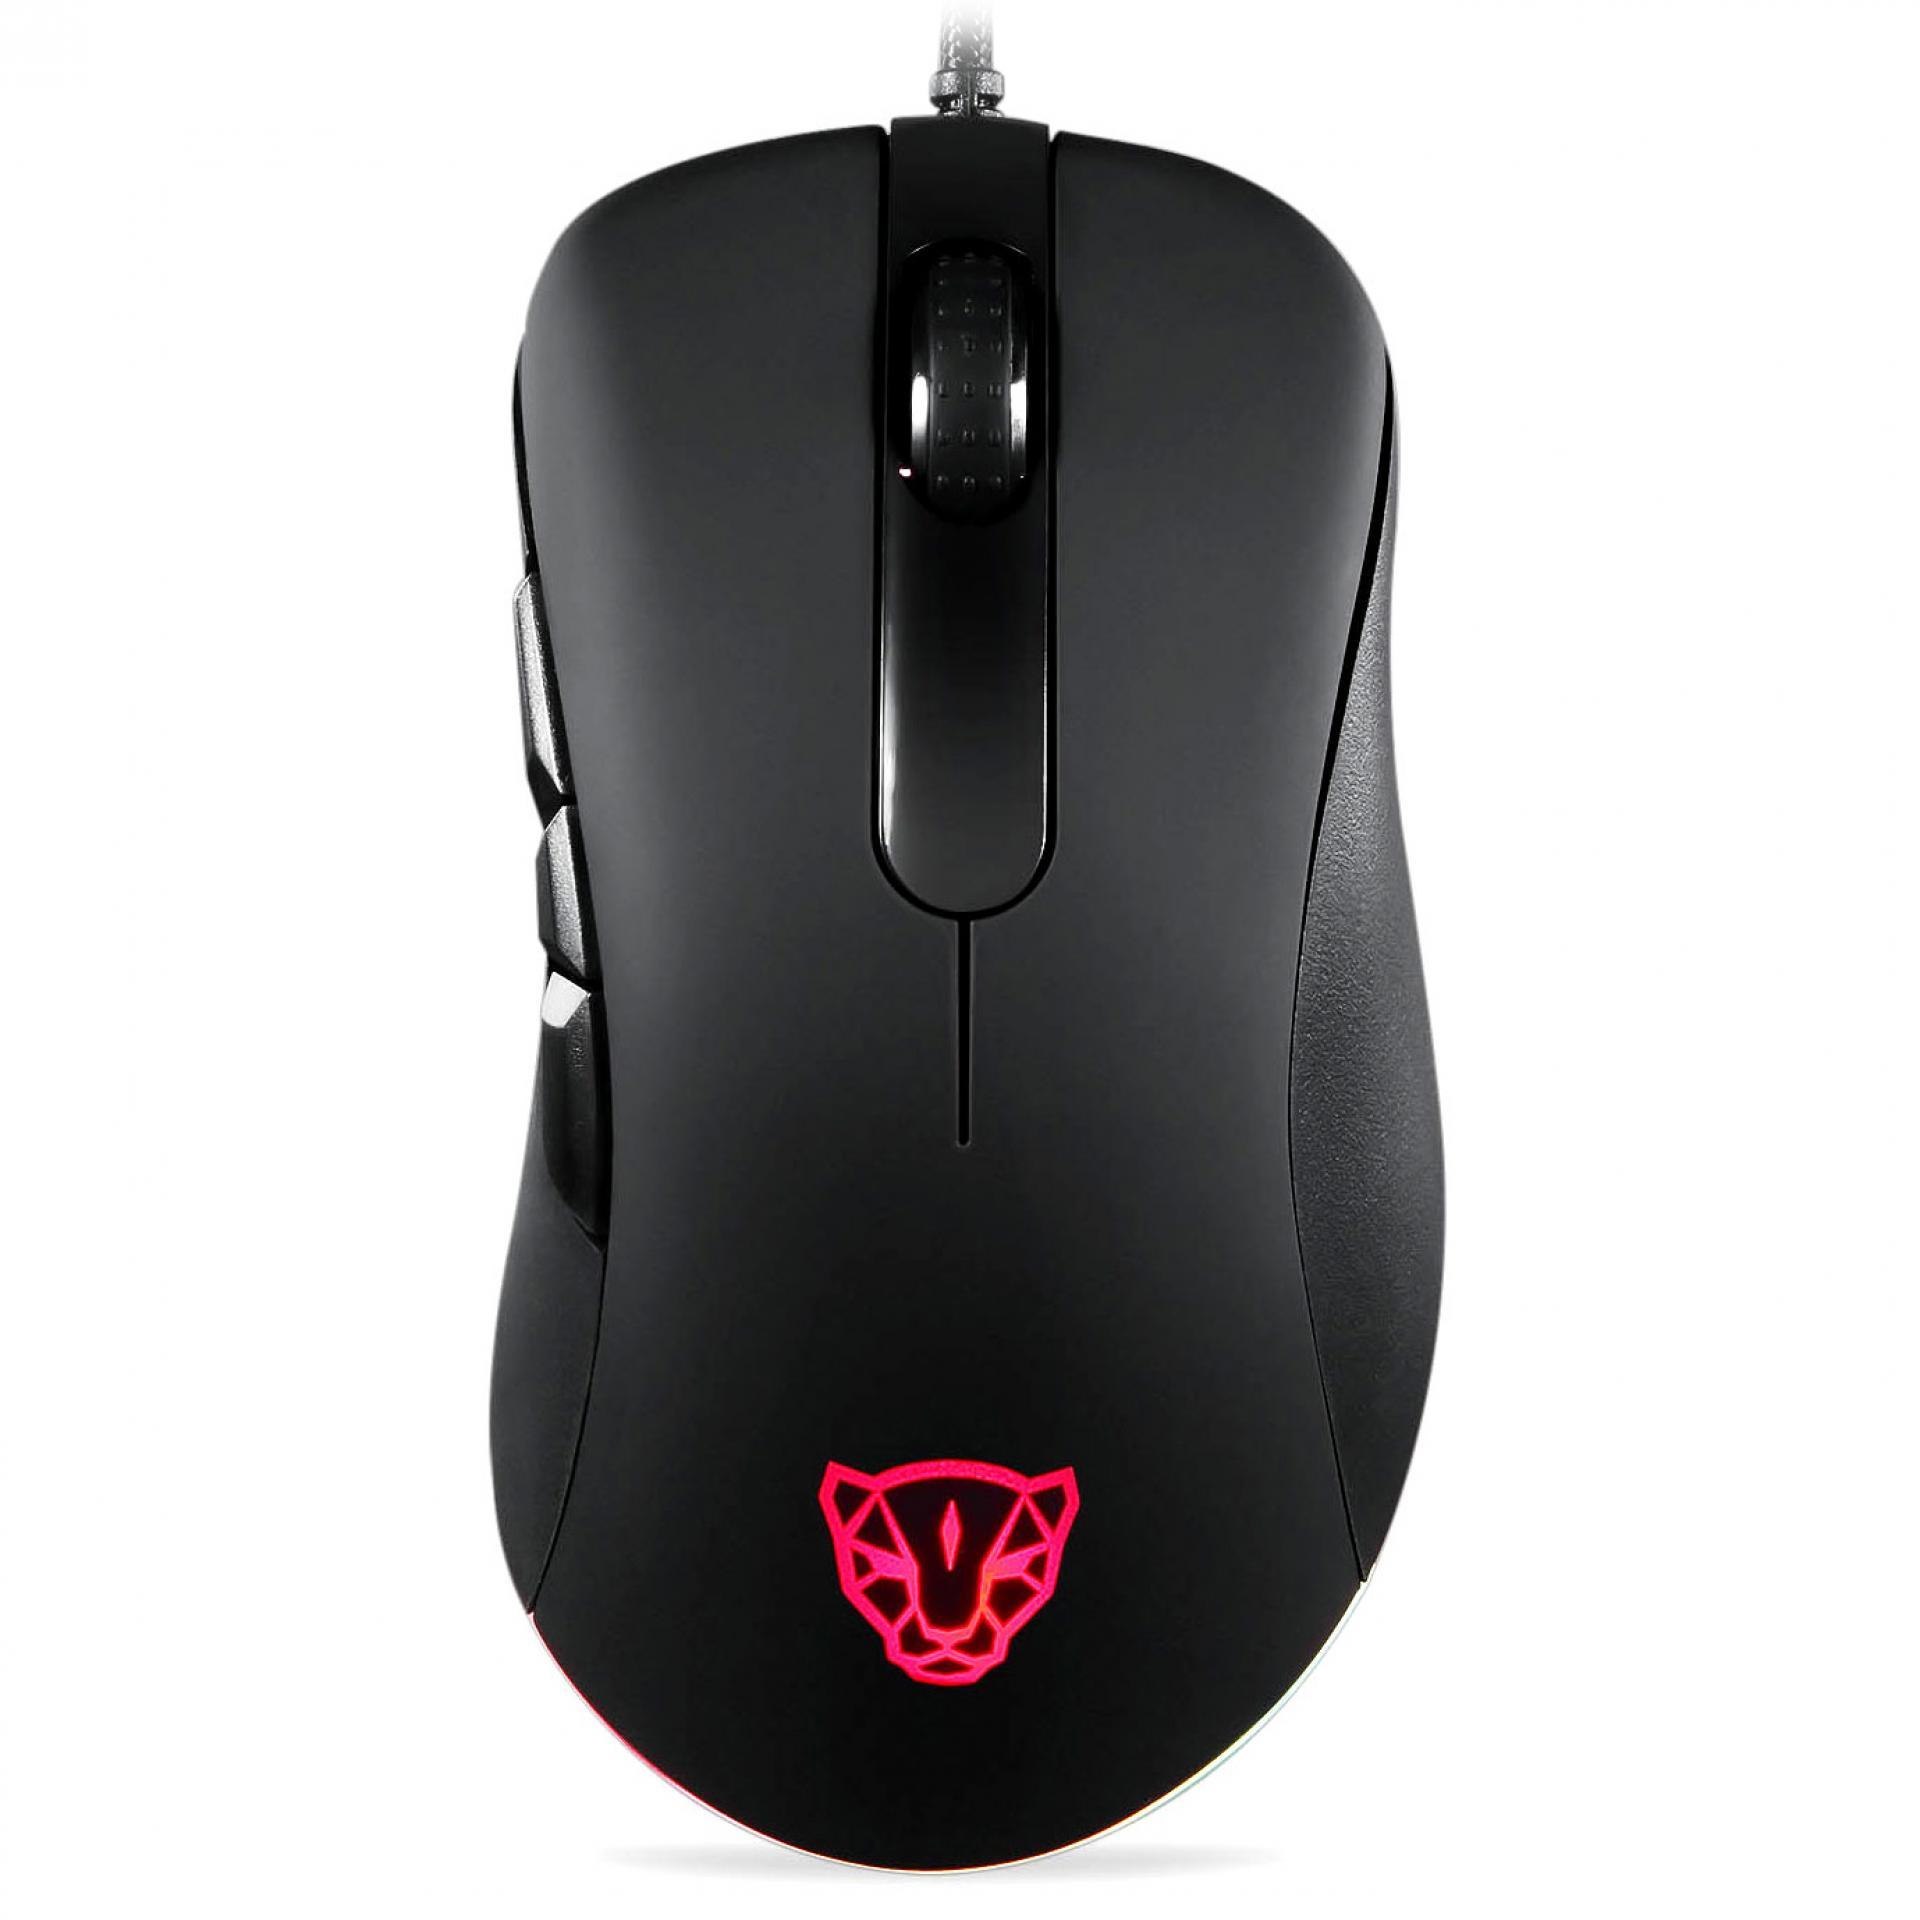 MOTOSPEED V100 Dual Engine RGB Gaming Mouse Original 6400 Infrared Light